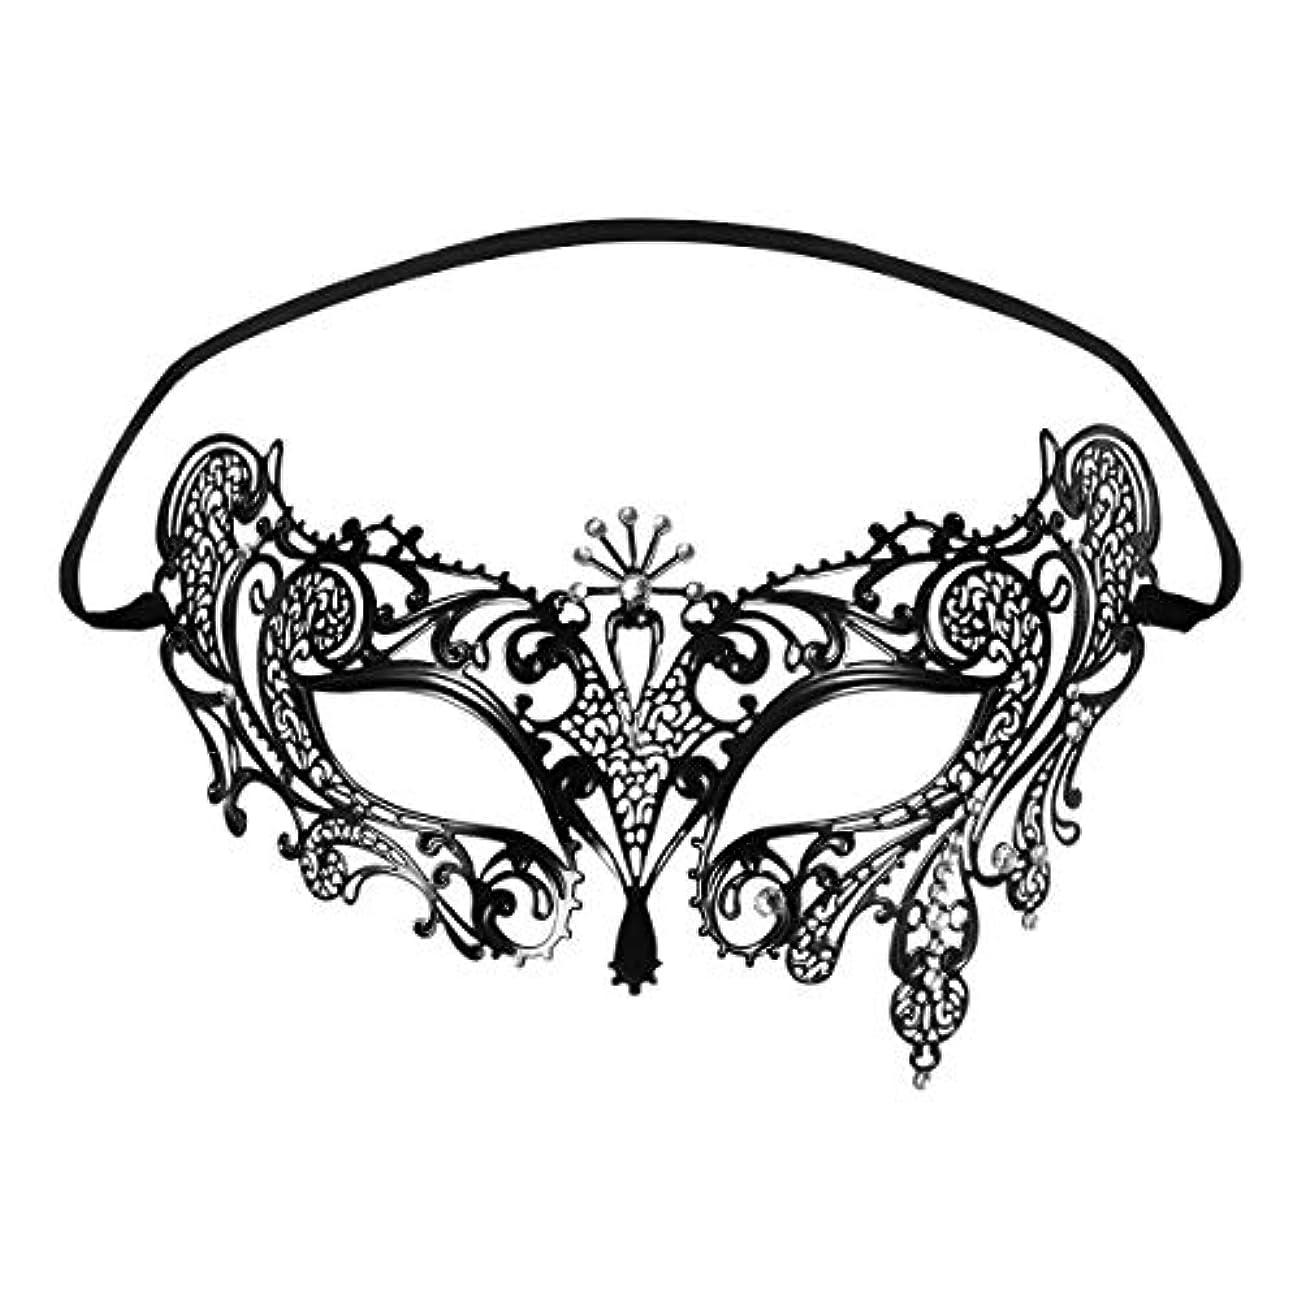 におい隠パイロットFoxnovo Foxnovoファッション高級ベネチアンスタイルディアマンテメタルフィリグリー仮装用マスク結婚式/パーティー用(ブラック)